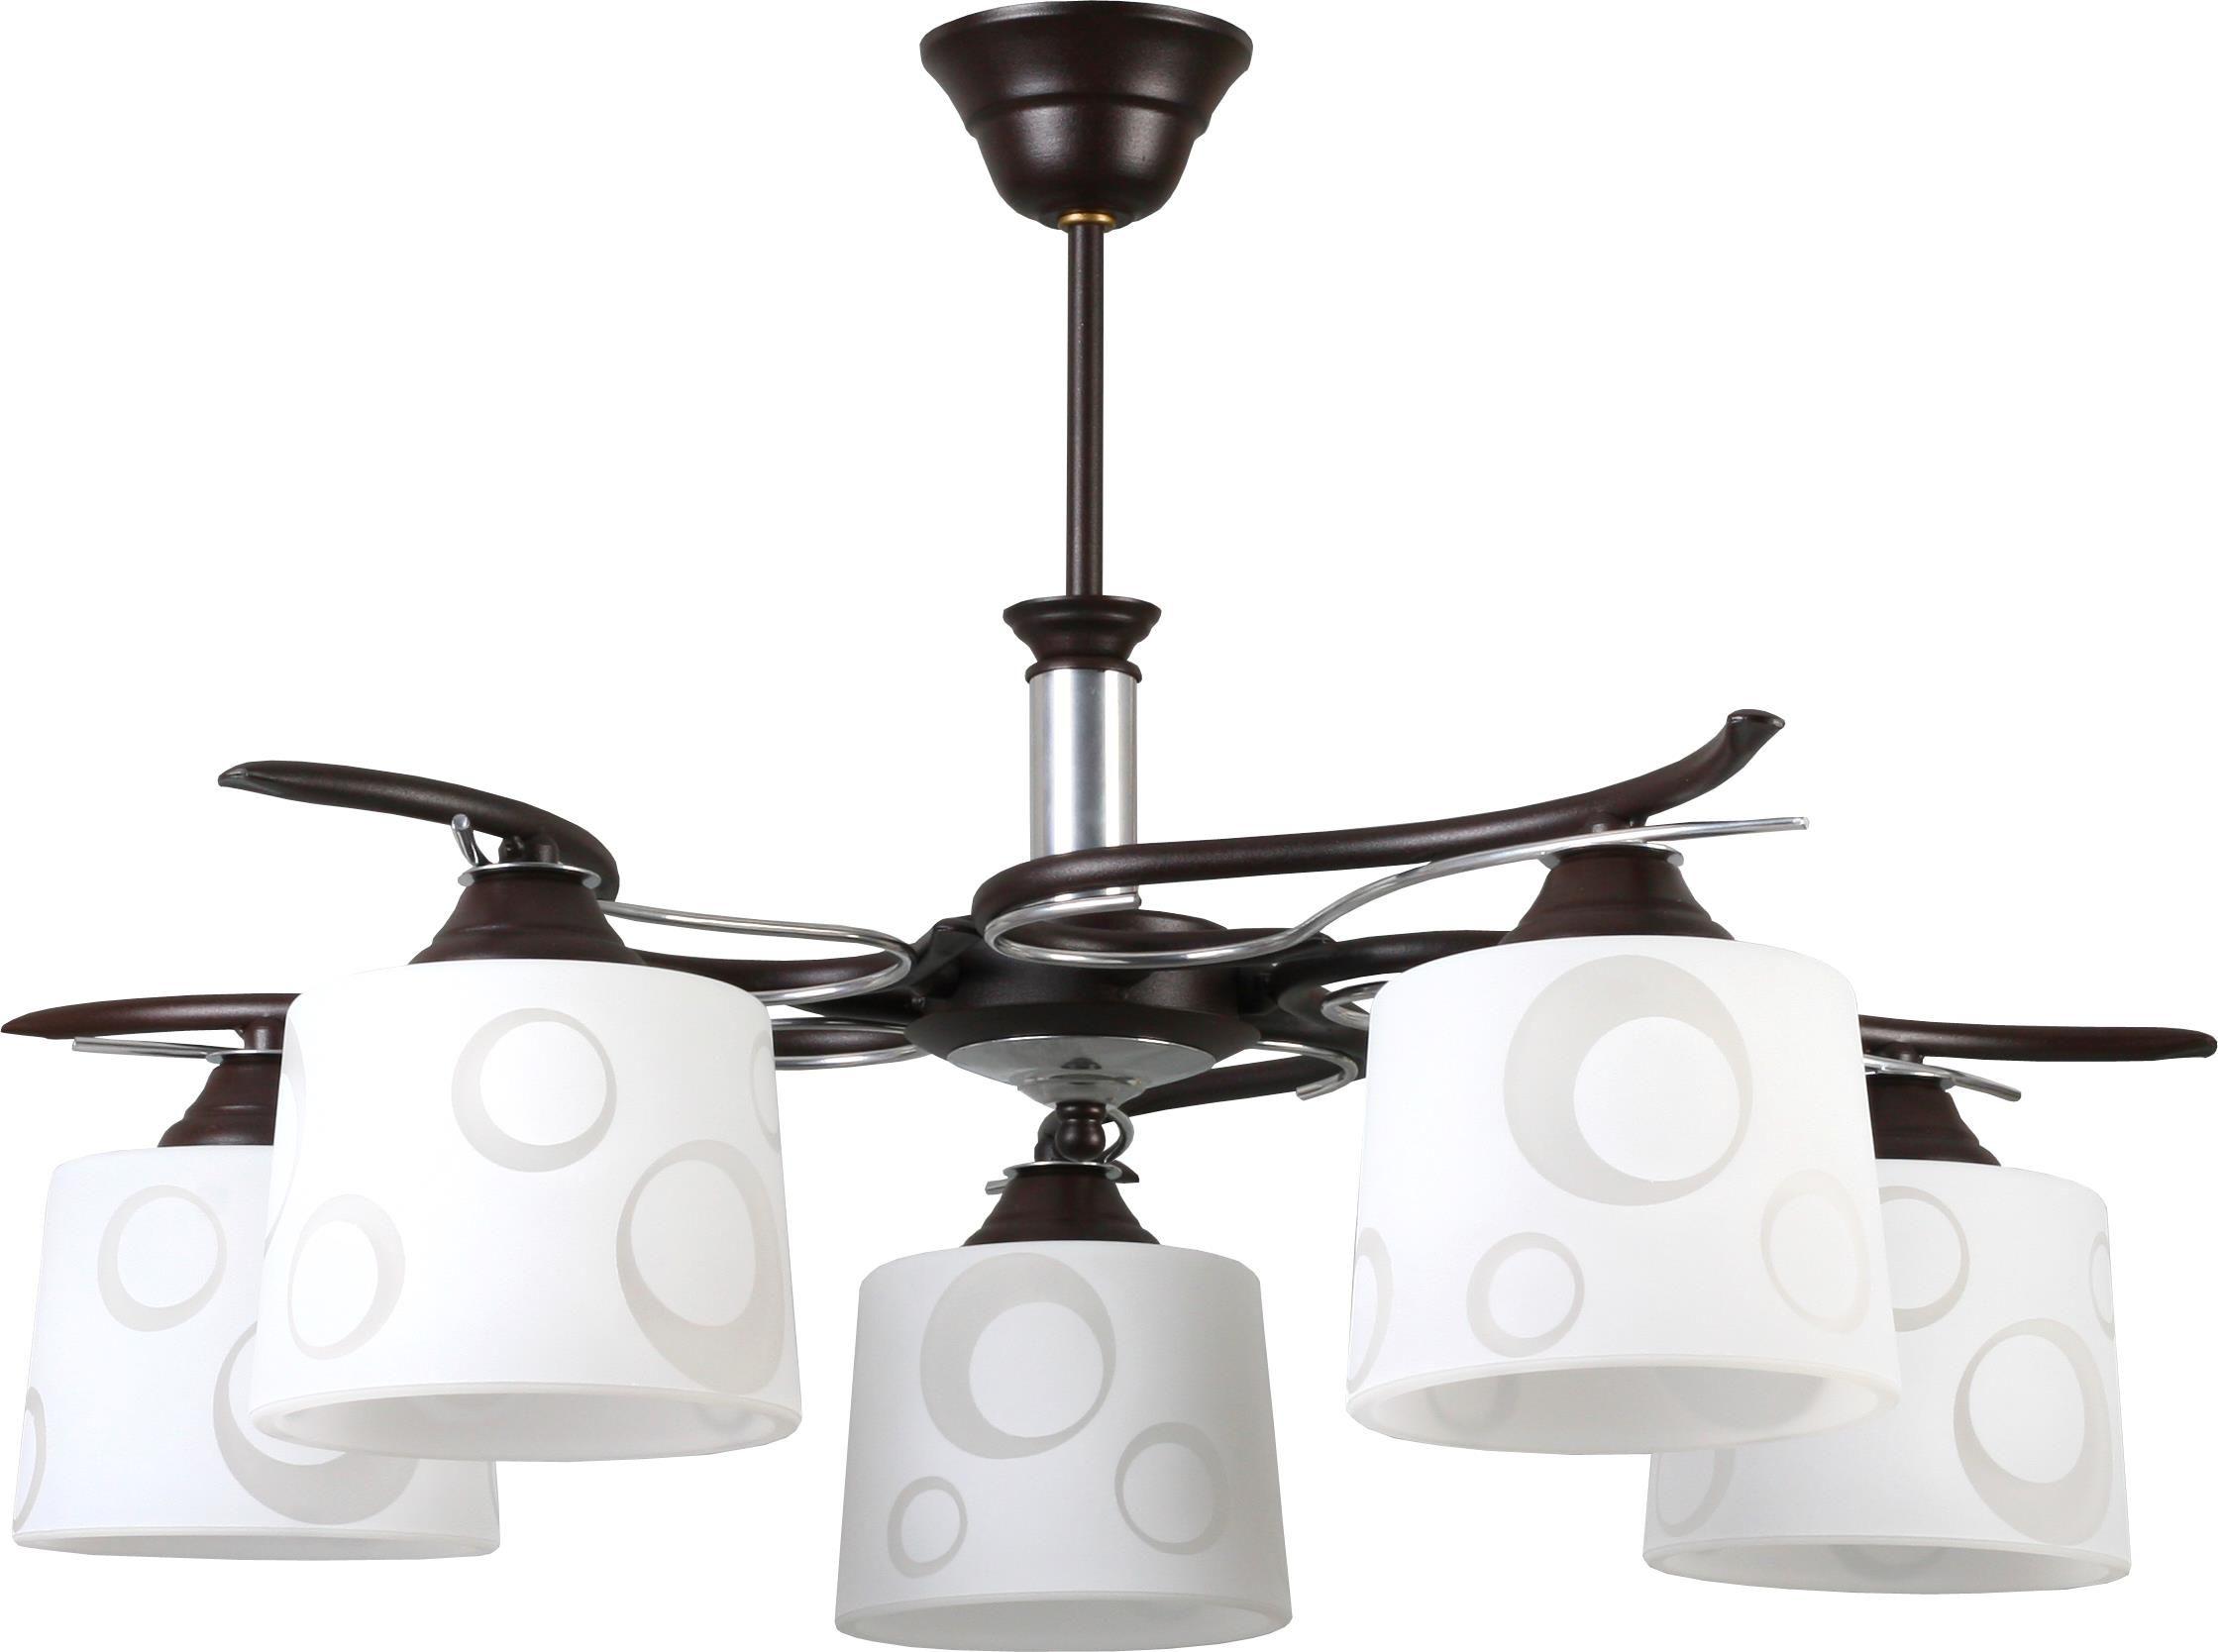 Lampex Wersal 5 273/5 WEN lampa wisząca klasyczna szklane klosze z kolistym wzorem 5x60W E27 65cm